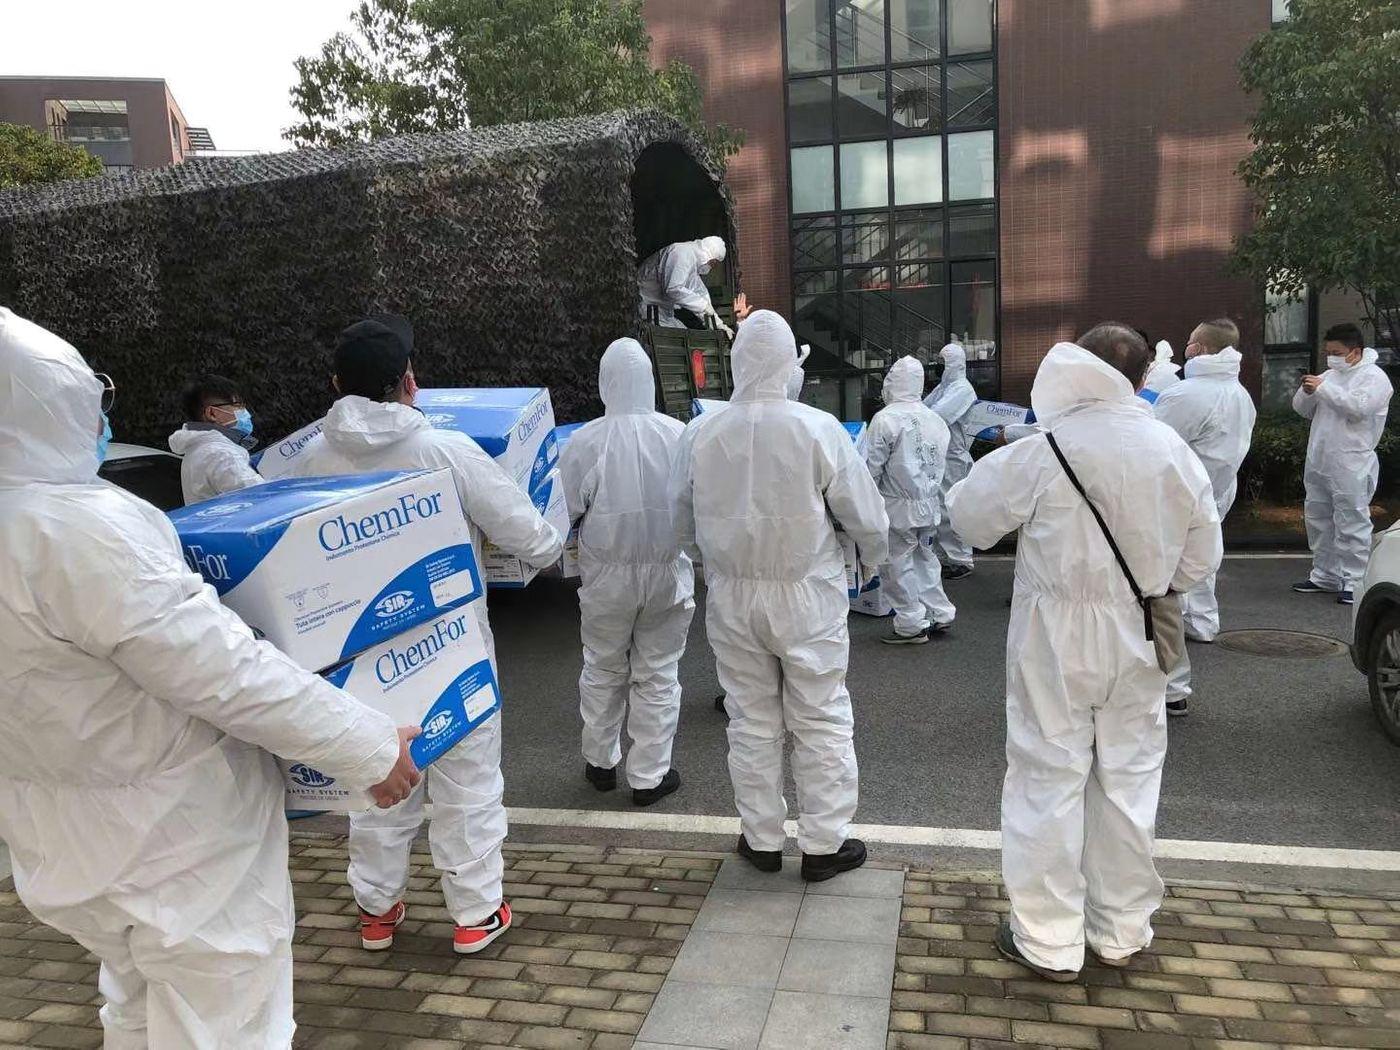 Un groupe de bénévoles en combinaison de protection se tient devant un hôpital, prêts à livrer les équipements